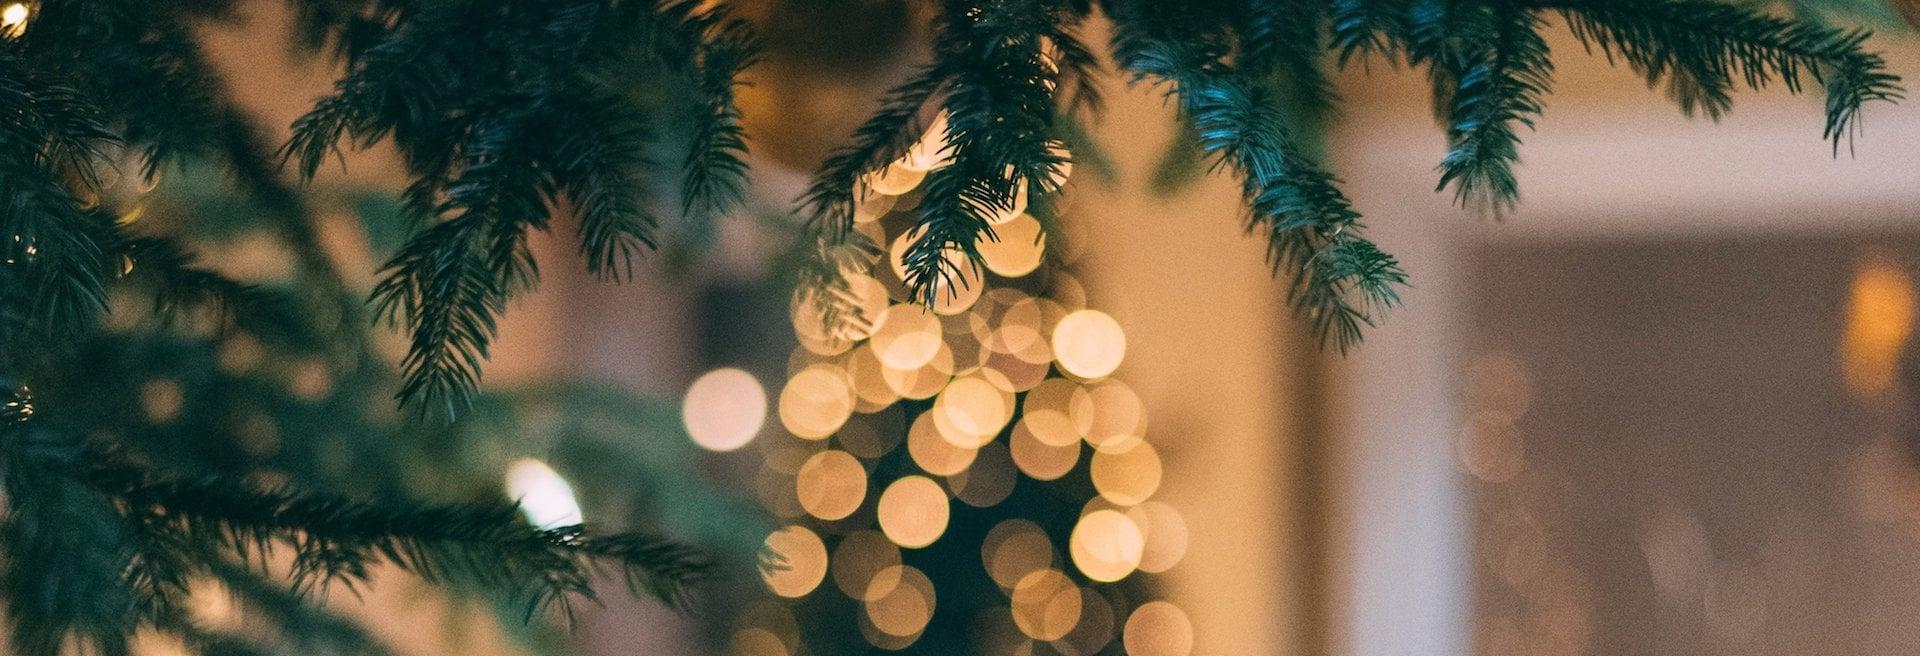 Wir verlängern unsere Rückgabefrist über Weihnachten!